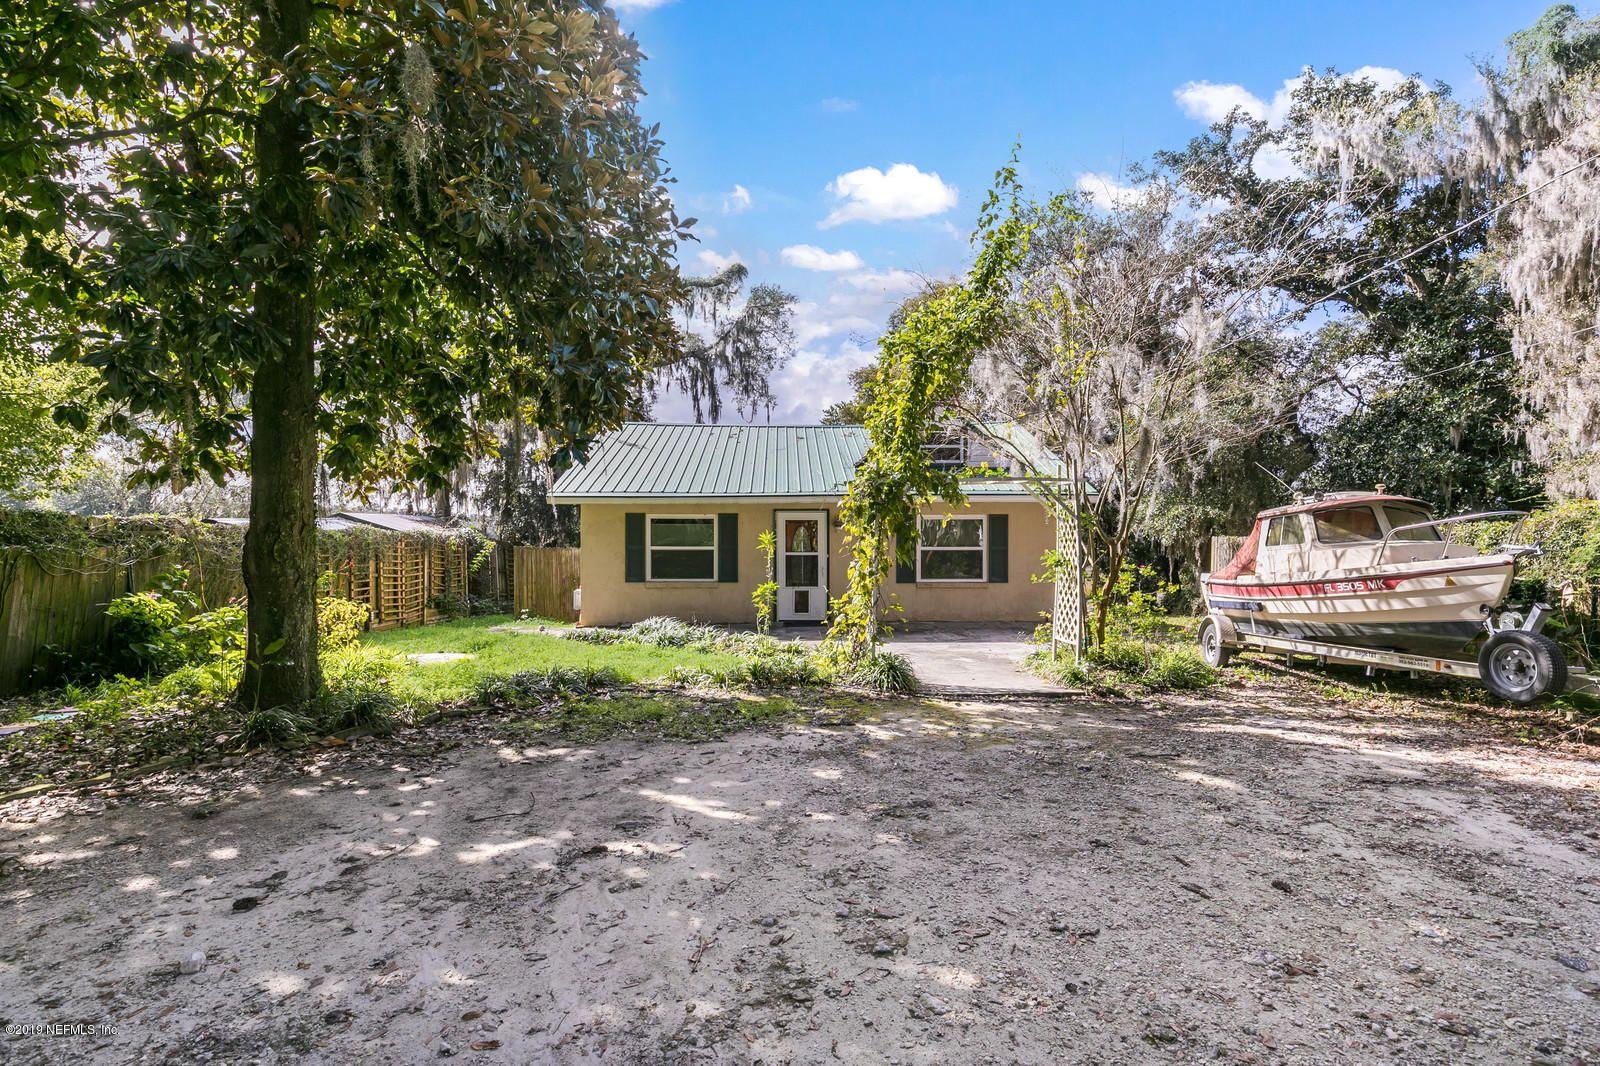 7130 Elwood Ave Jacksonville Fl 32208 Home For Sale Houses